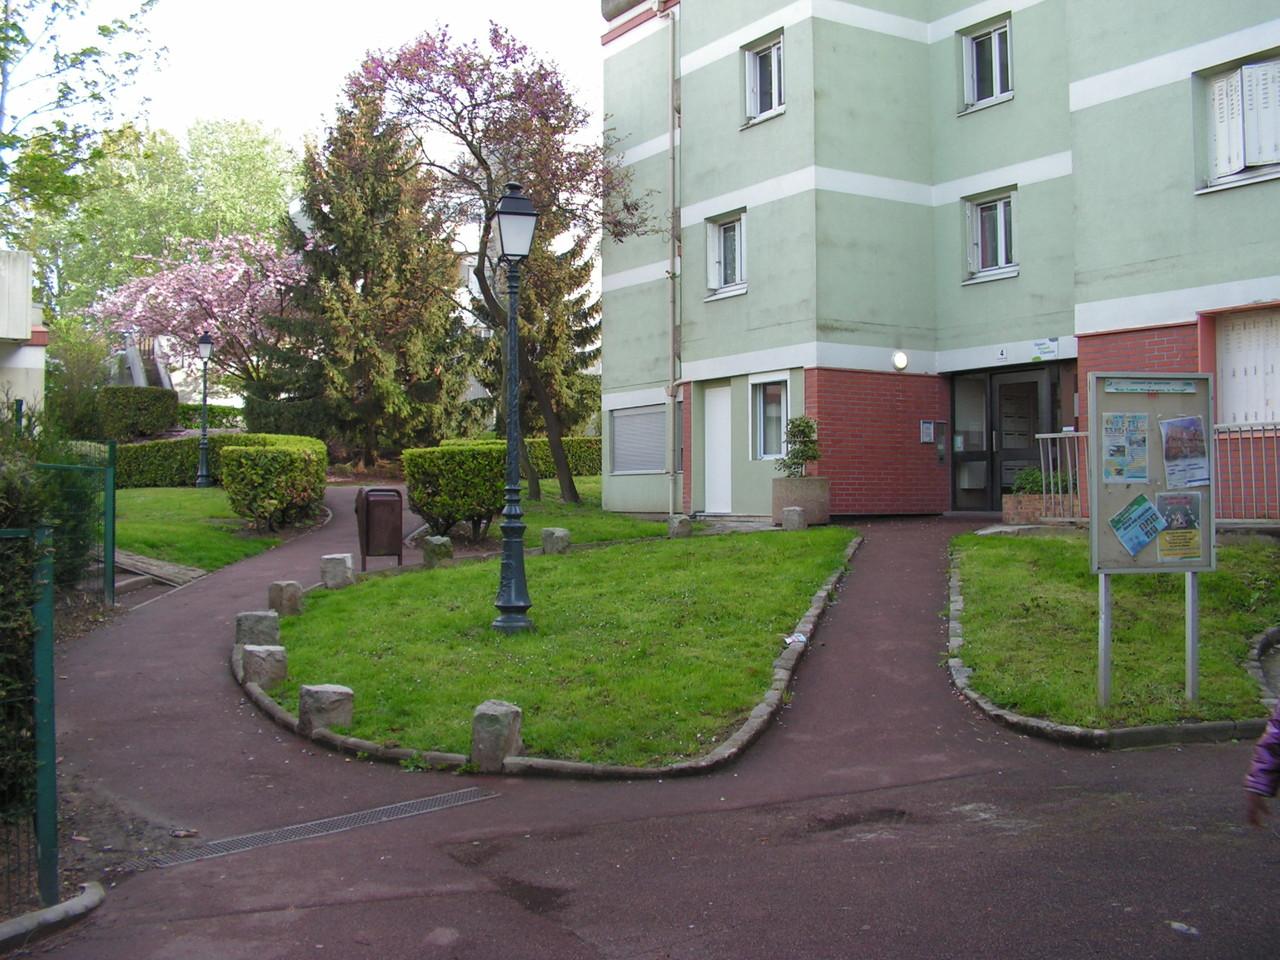 4, Rue Fernand Léger, Bureau d'acceuil de Valophis